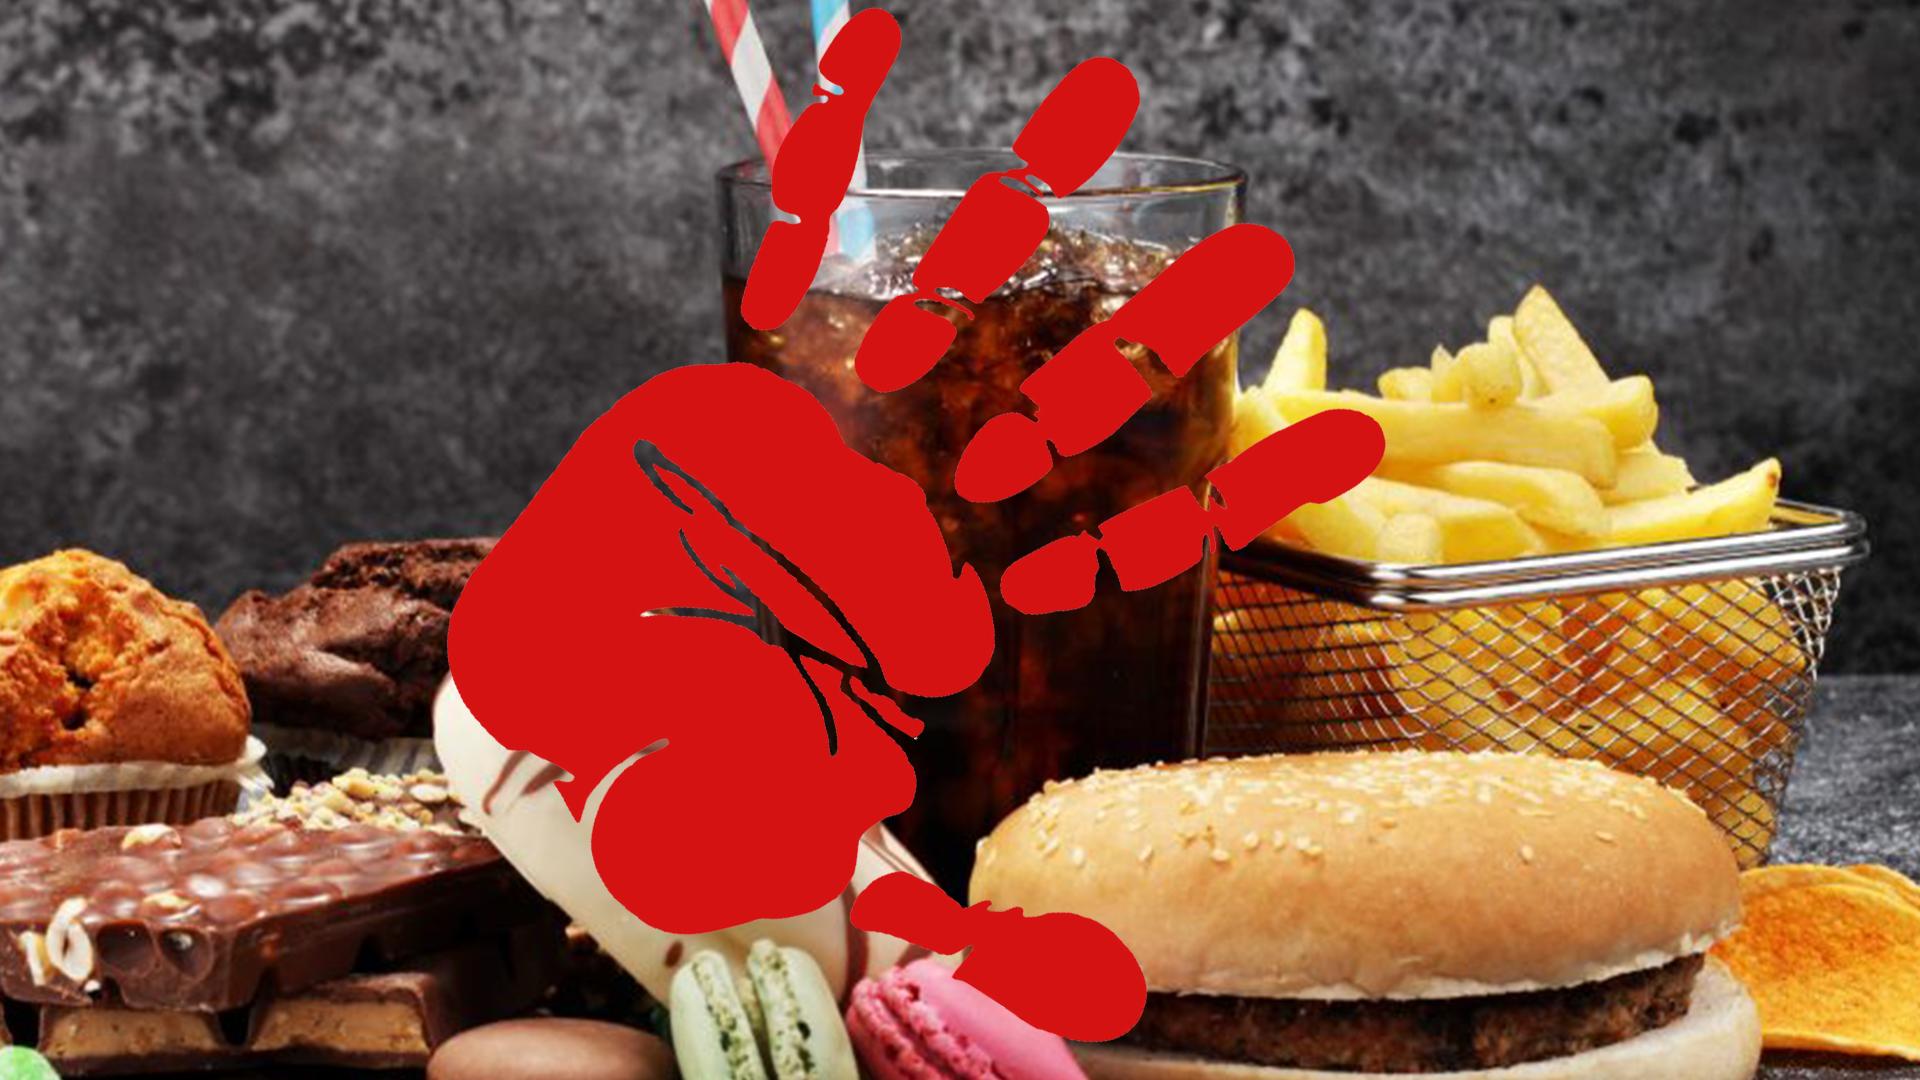 Plus de bon goût, moins de chaîne internationale de fastfood